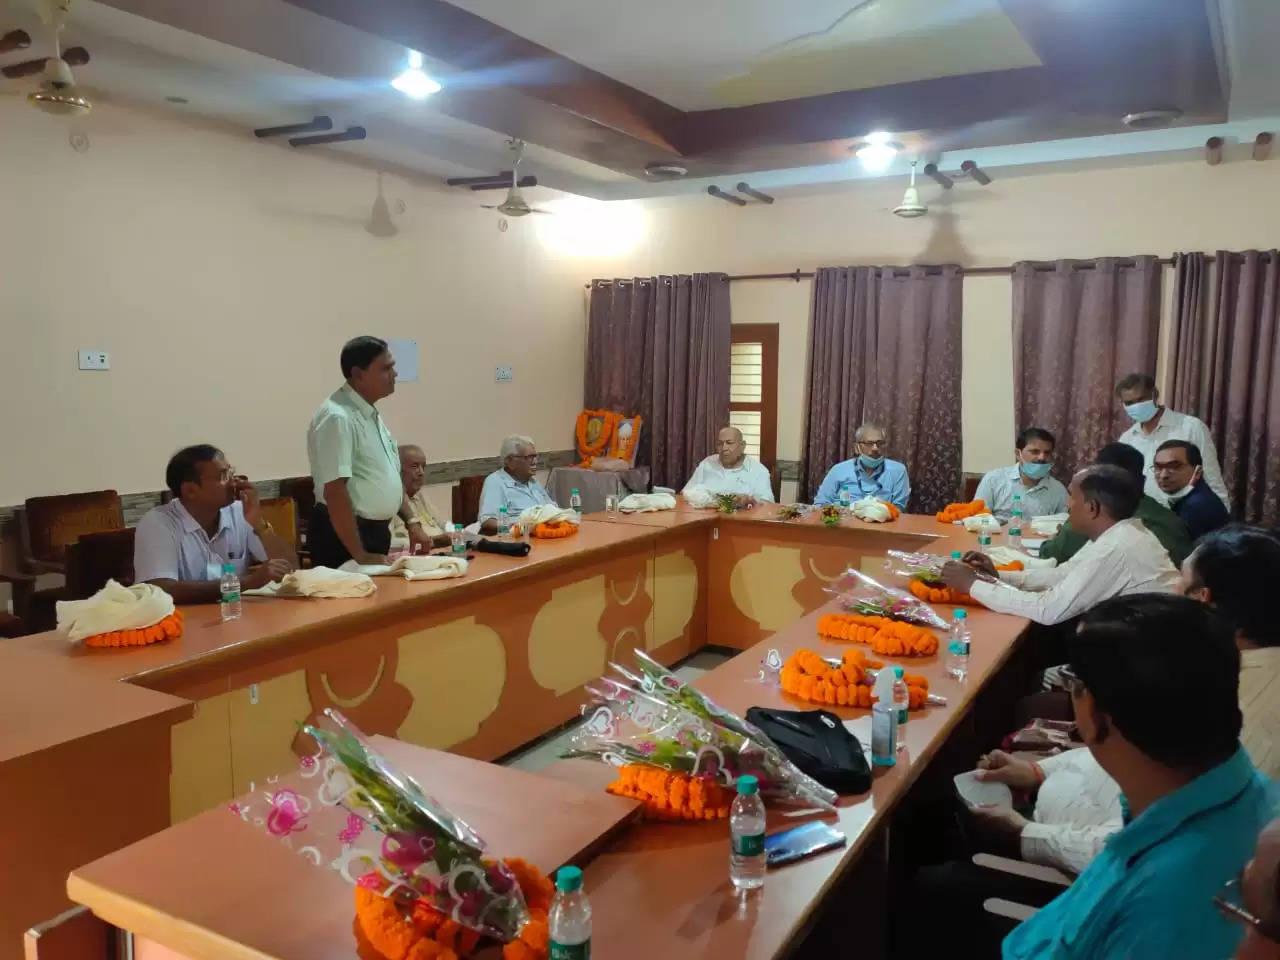 टाउन पॉलिटेक्निक एंव भारतीय स्टेट बैंक मुख्य शाखा के संयुक्त मे मनाया गया शिक्षक दिवस